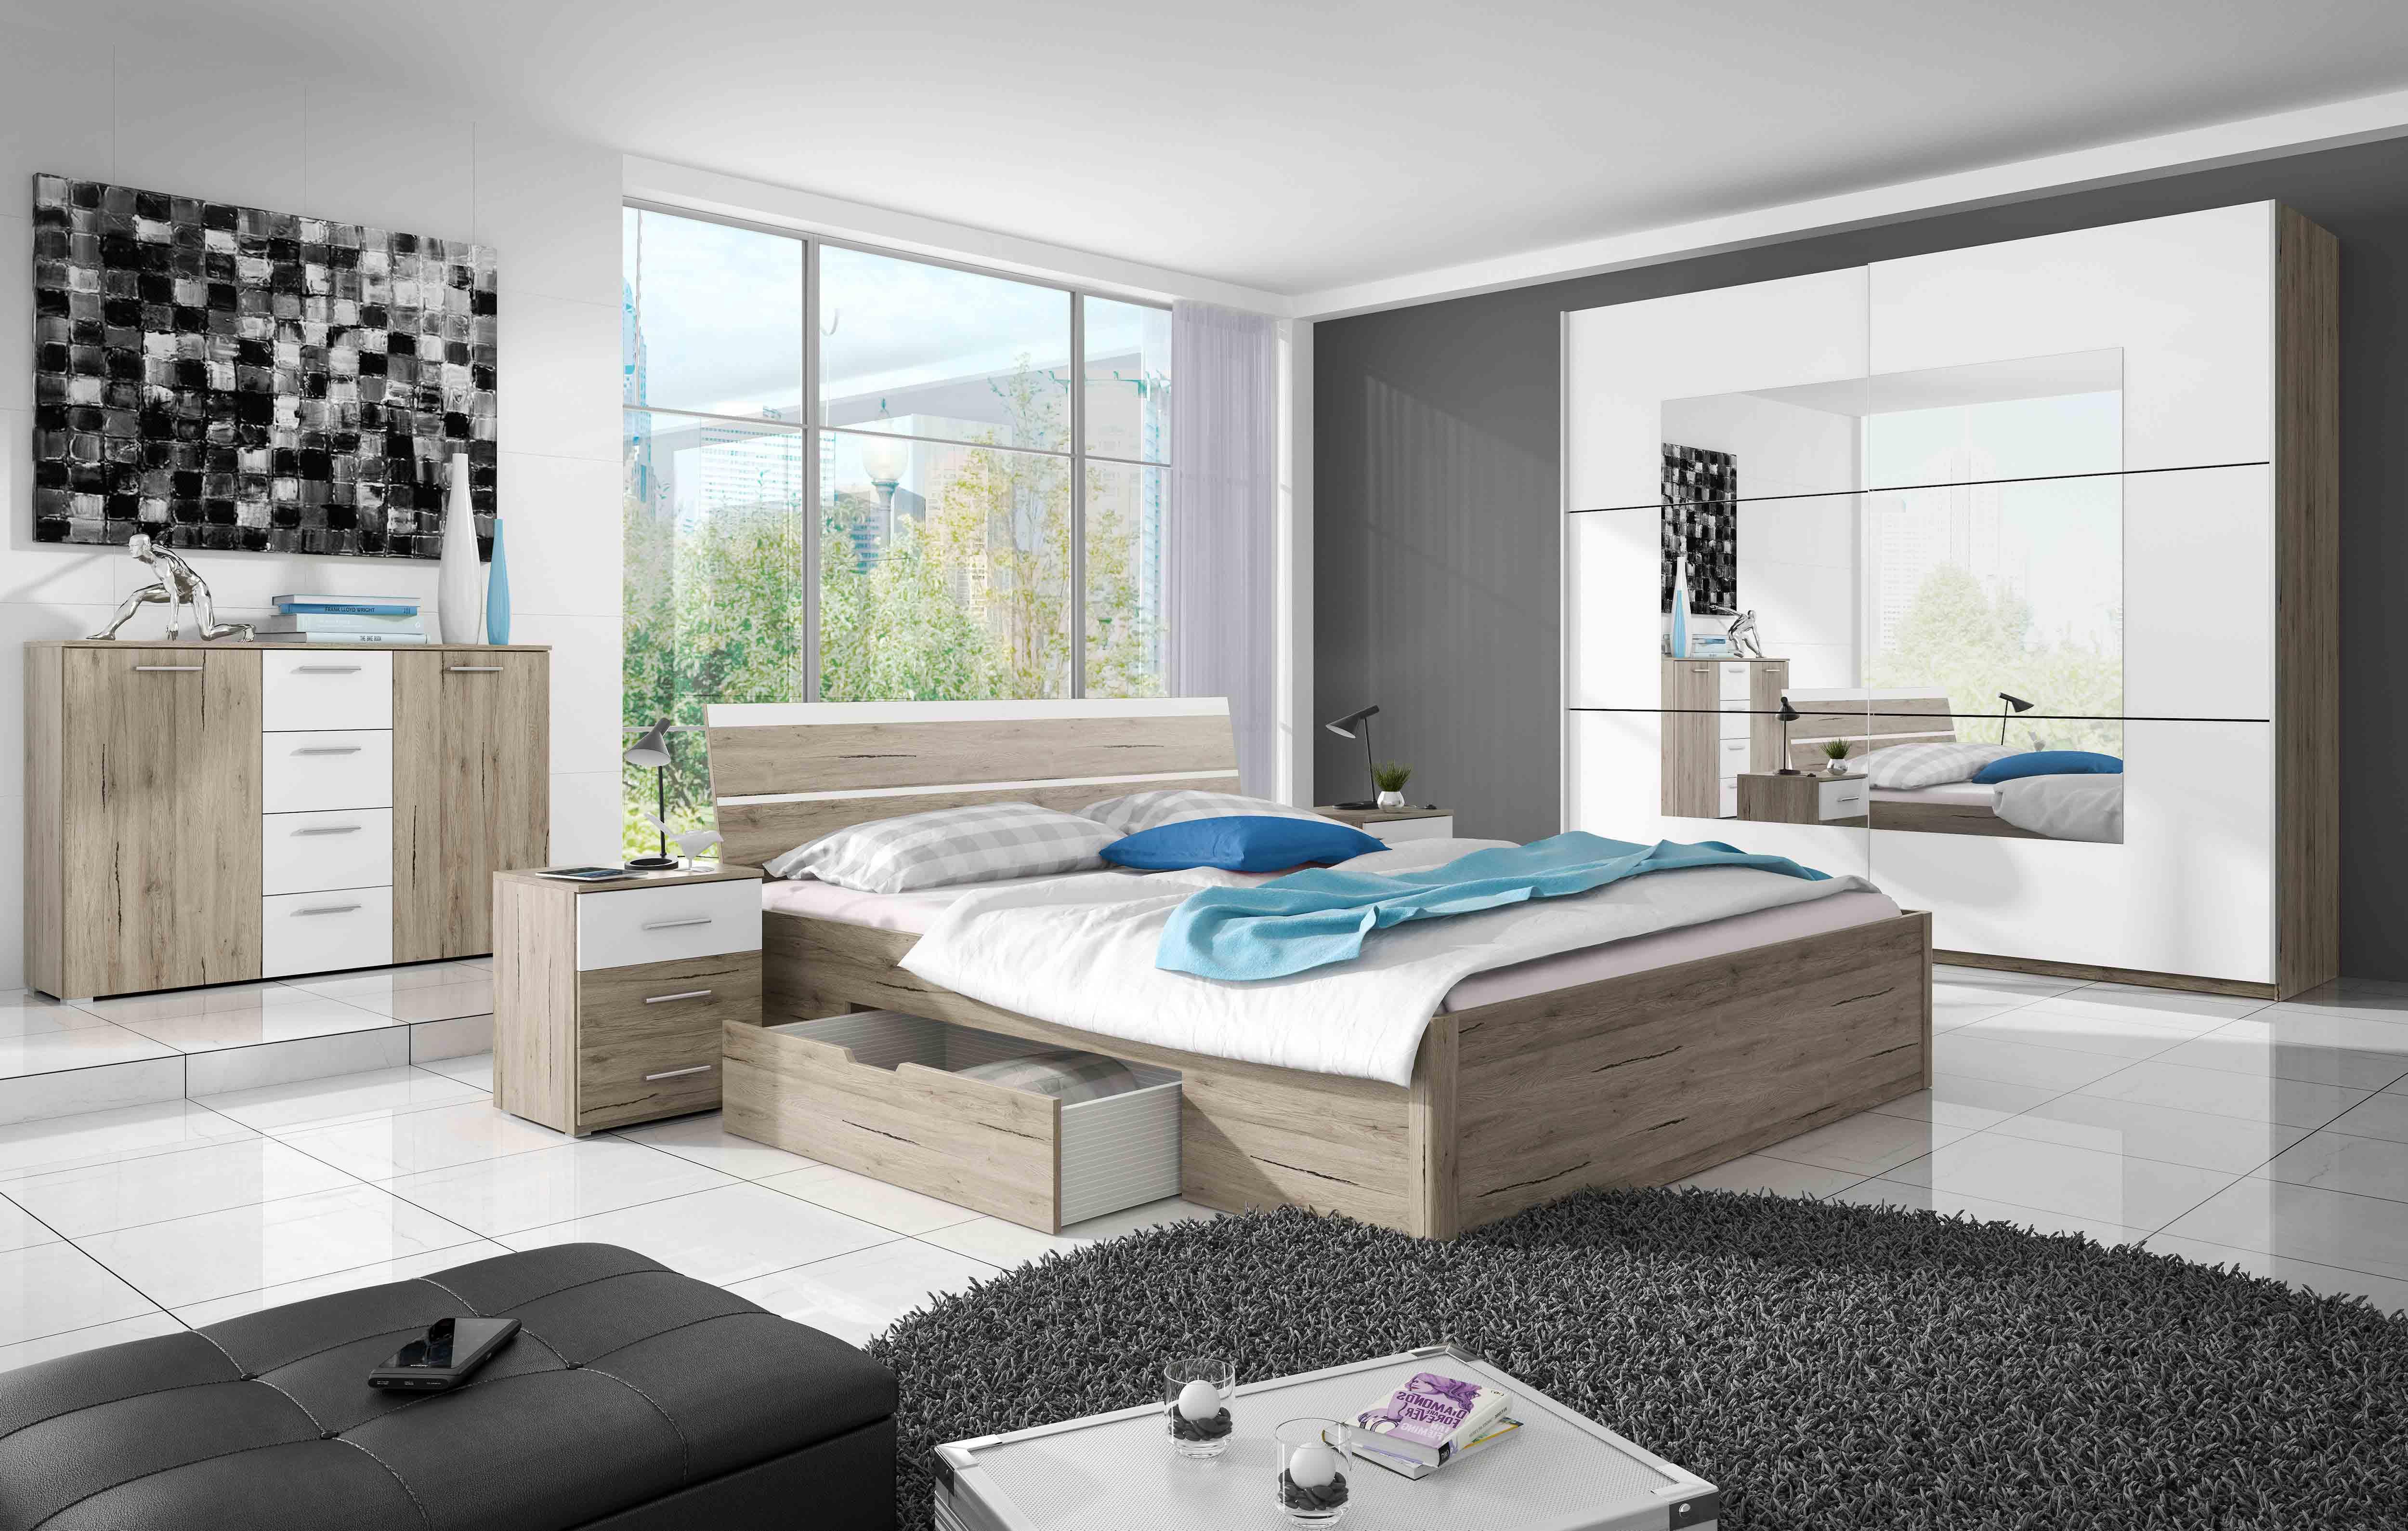 ArtElb Spálňa DELTA Beta: Spálňova zostava Beta / posteľ 180 x 200